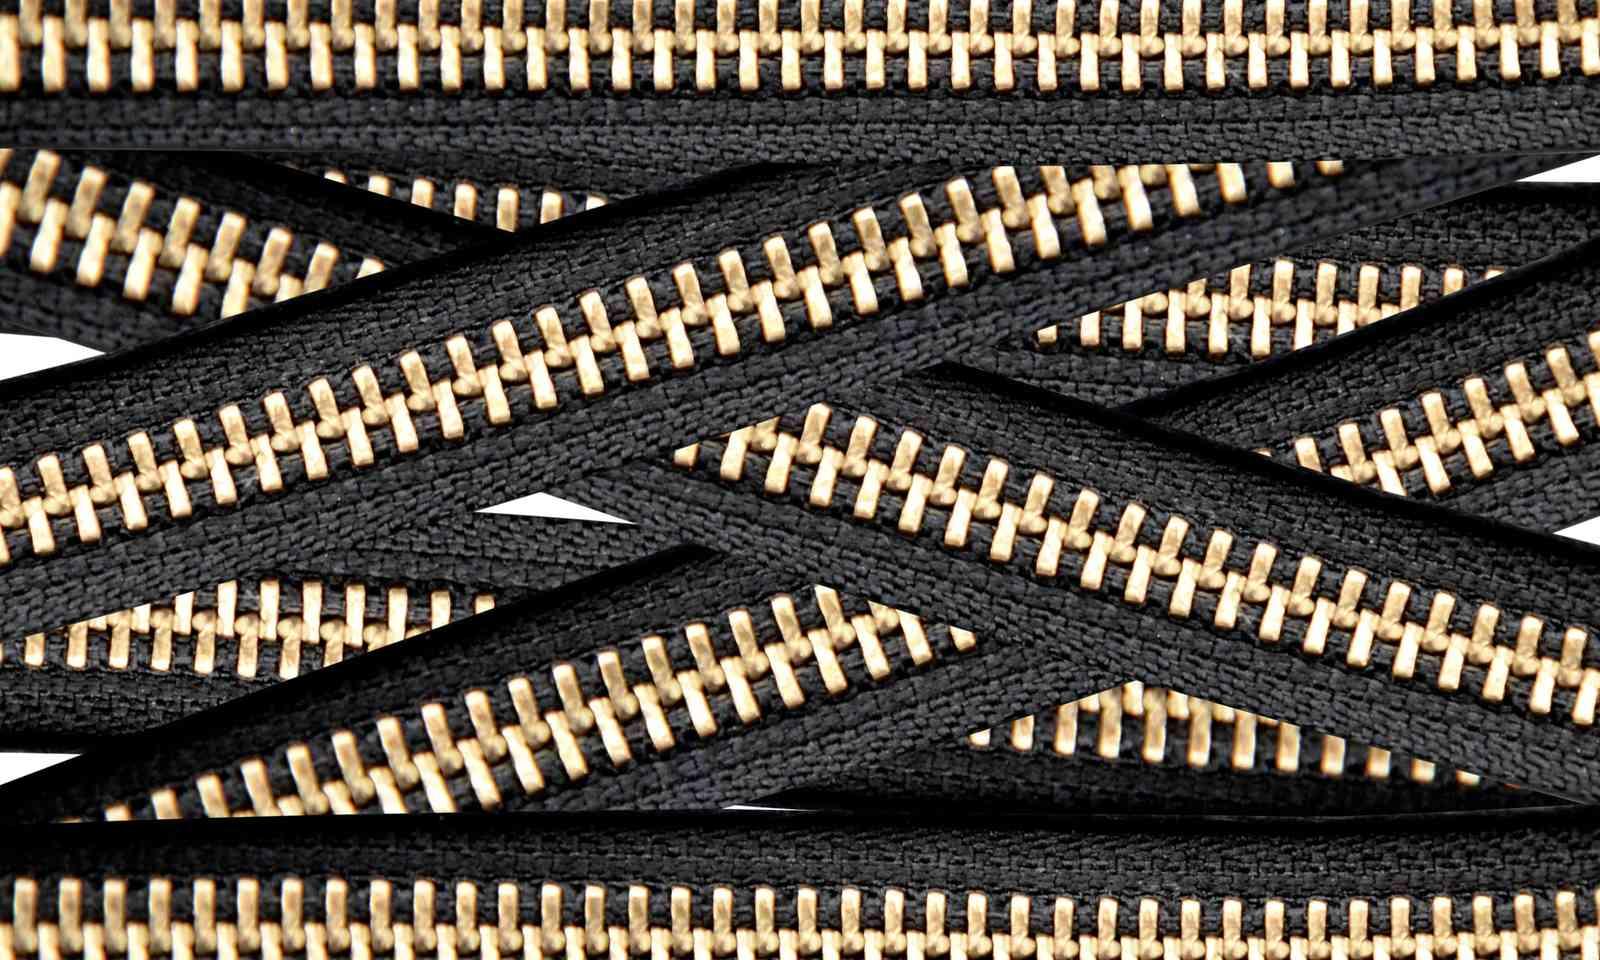 Zippers (Shutterstock.com)